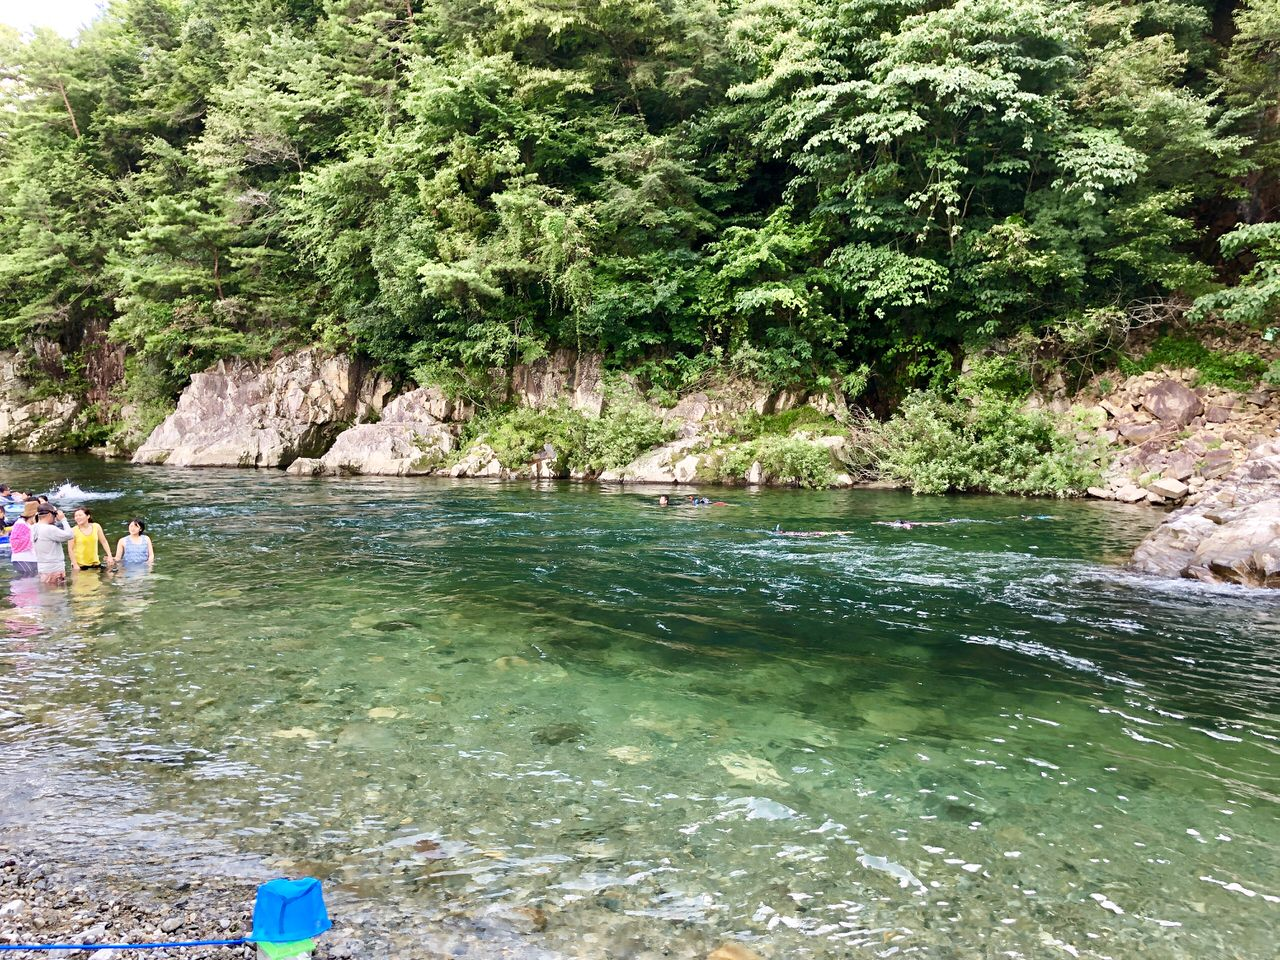 福岡ローマン渓谷オートキャンプ場の川